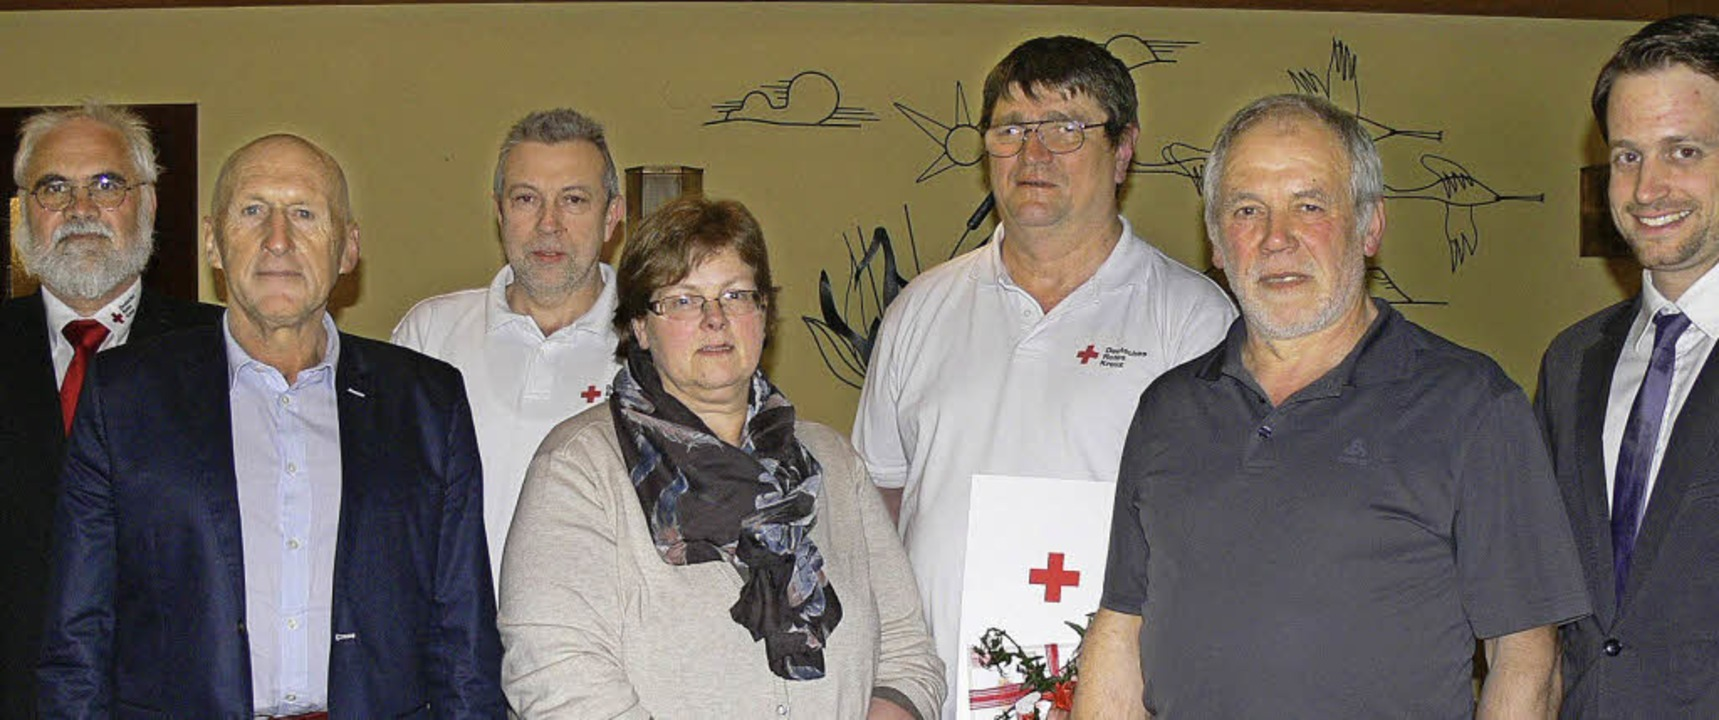 Abschied und Ehrungen (von links): Vor...Kreisgeschäftsführer Felix Brenneisen.    Foto: Dieter Fink